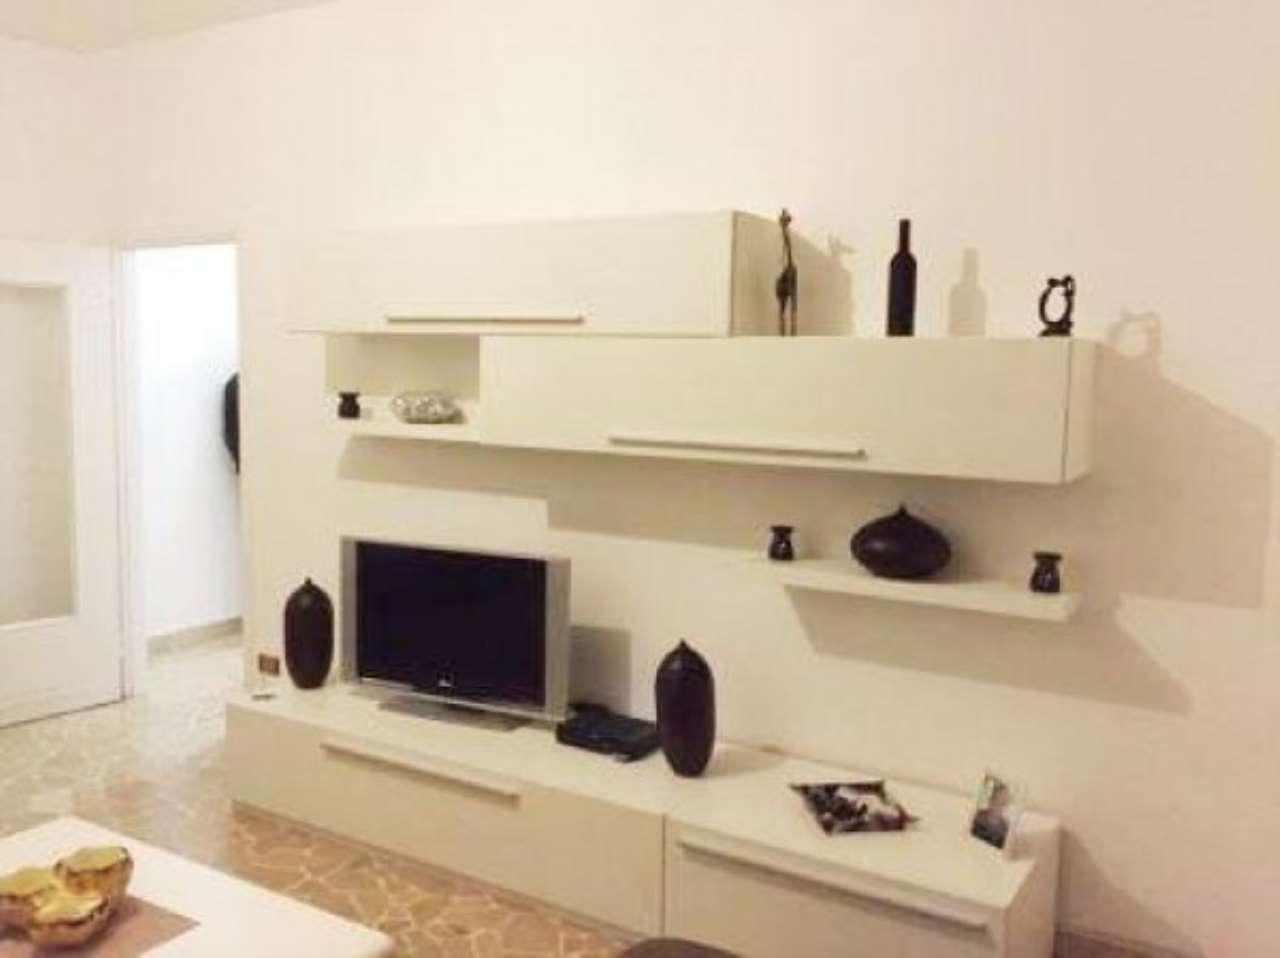 Appartamento in vendita a Gerenzano, 2 locali, prezzo € 70.000 | CambioCasa.it